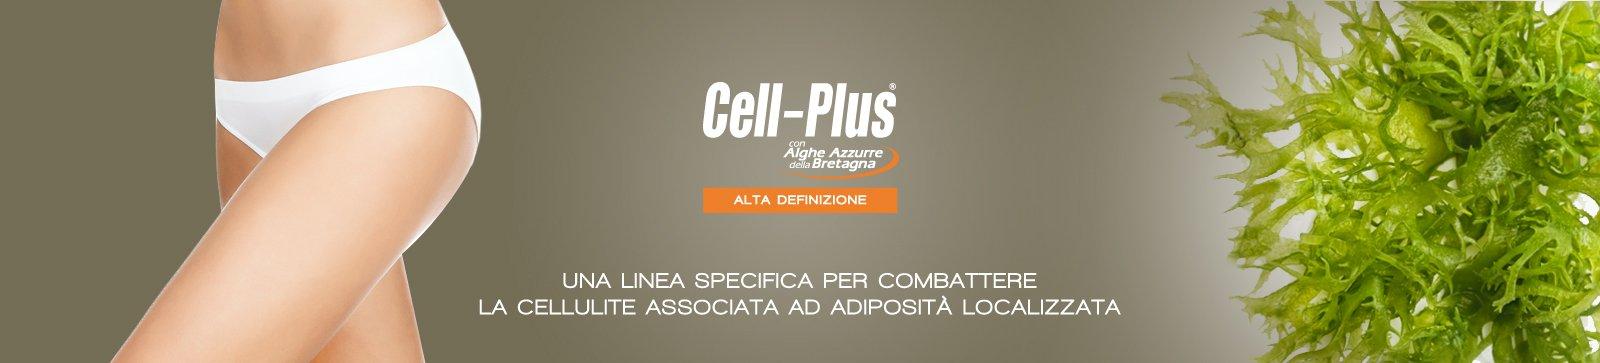 cell-plus alta definizione